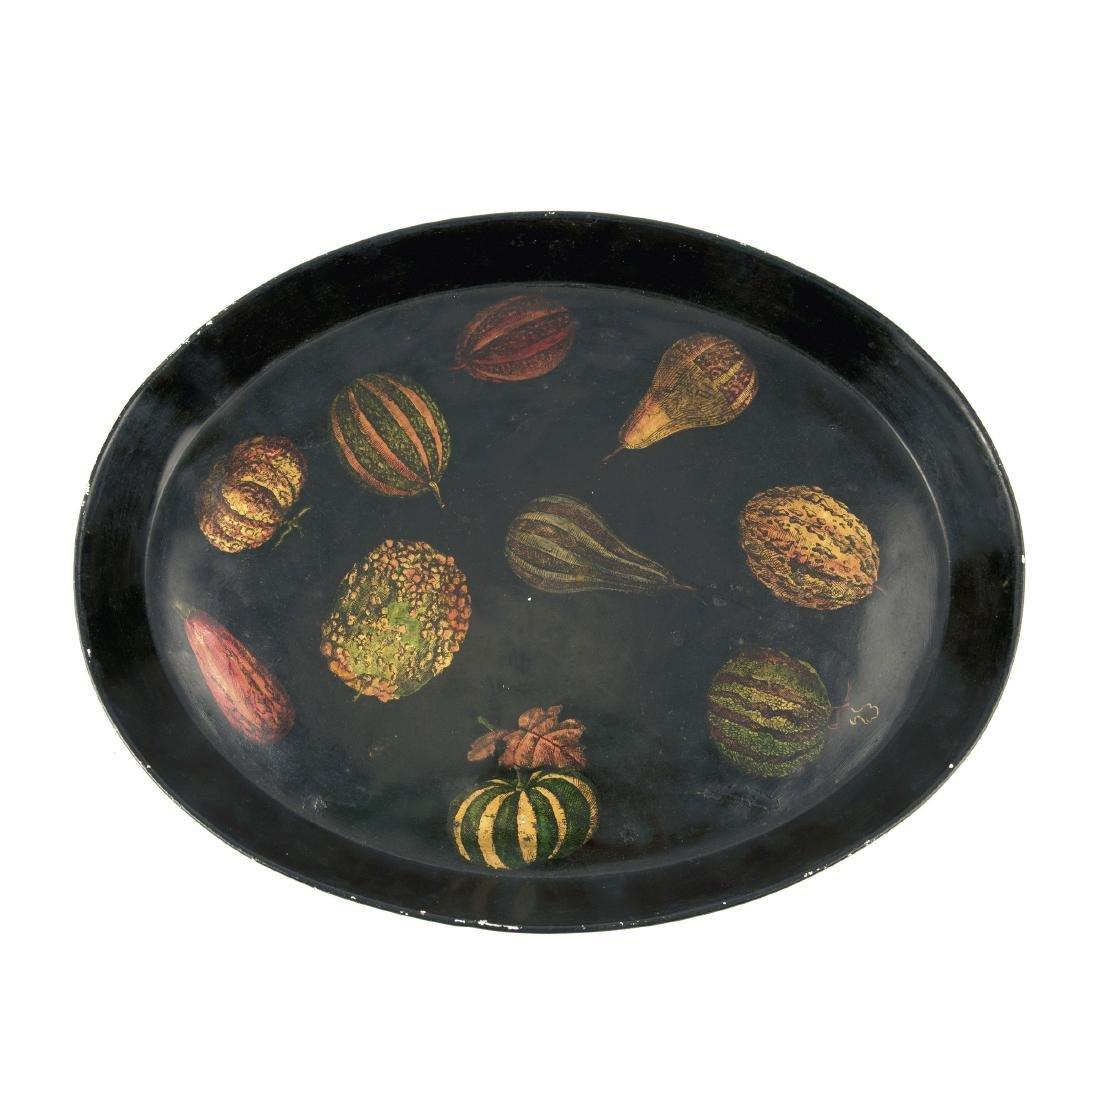 'Zucche' tray, 1950s